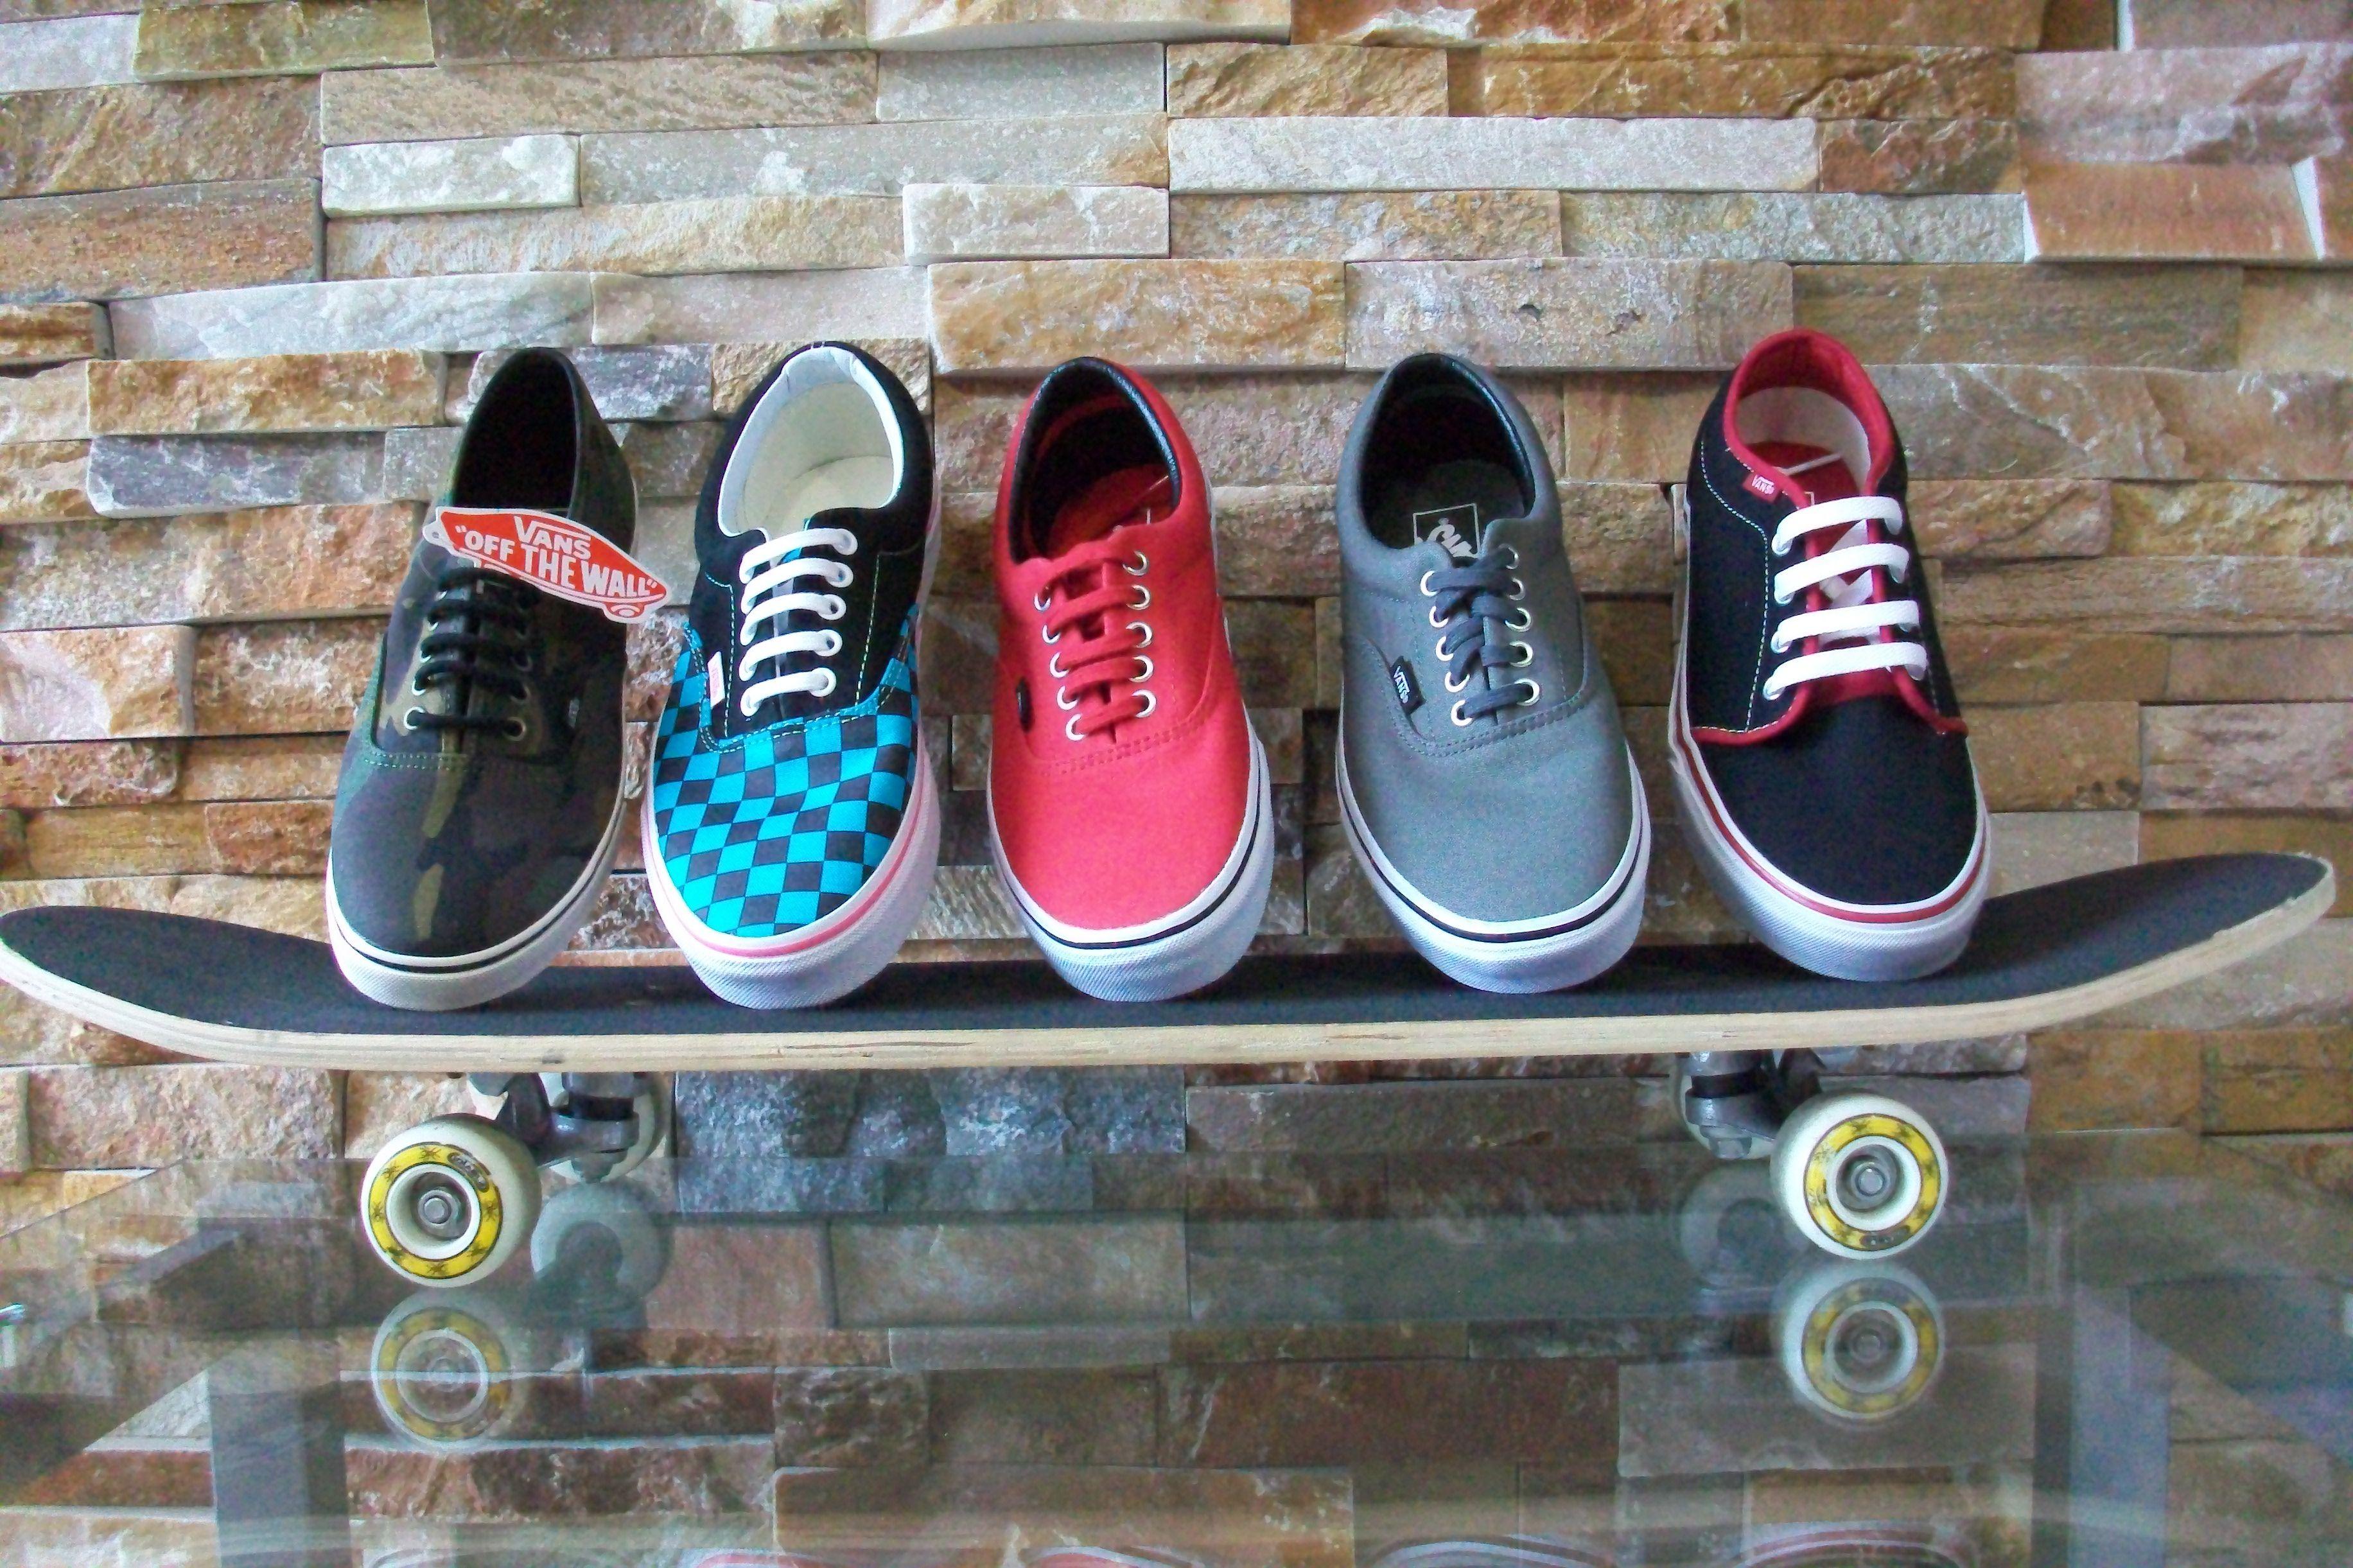 ¡Quiero unas zapatillas VANS!  En nivolia.com tenemos las zapatillas que estás buscando.